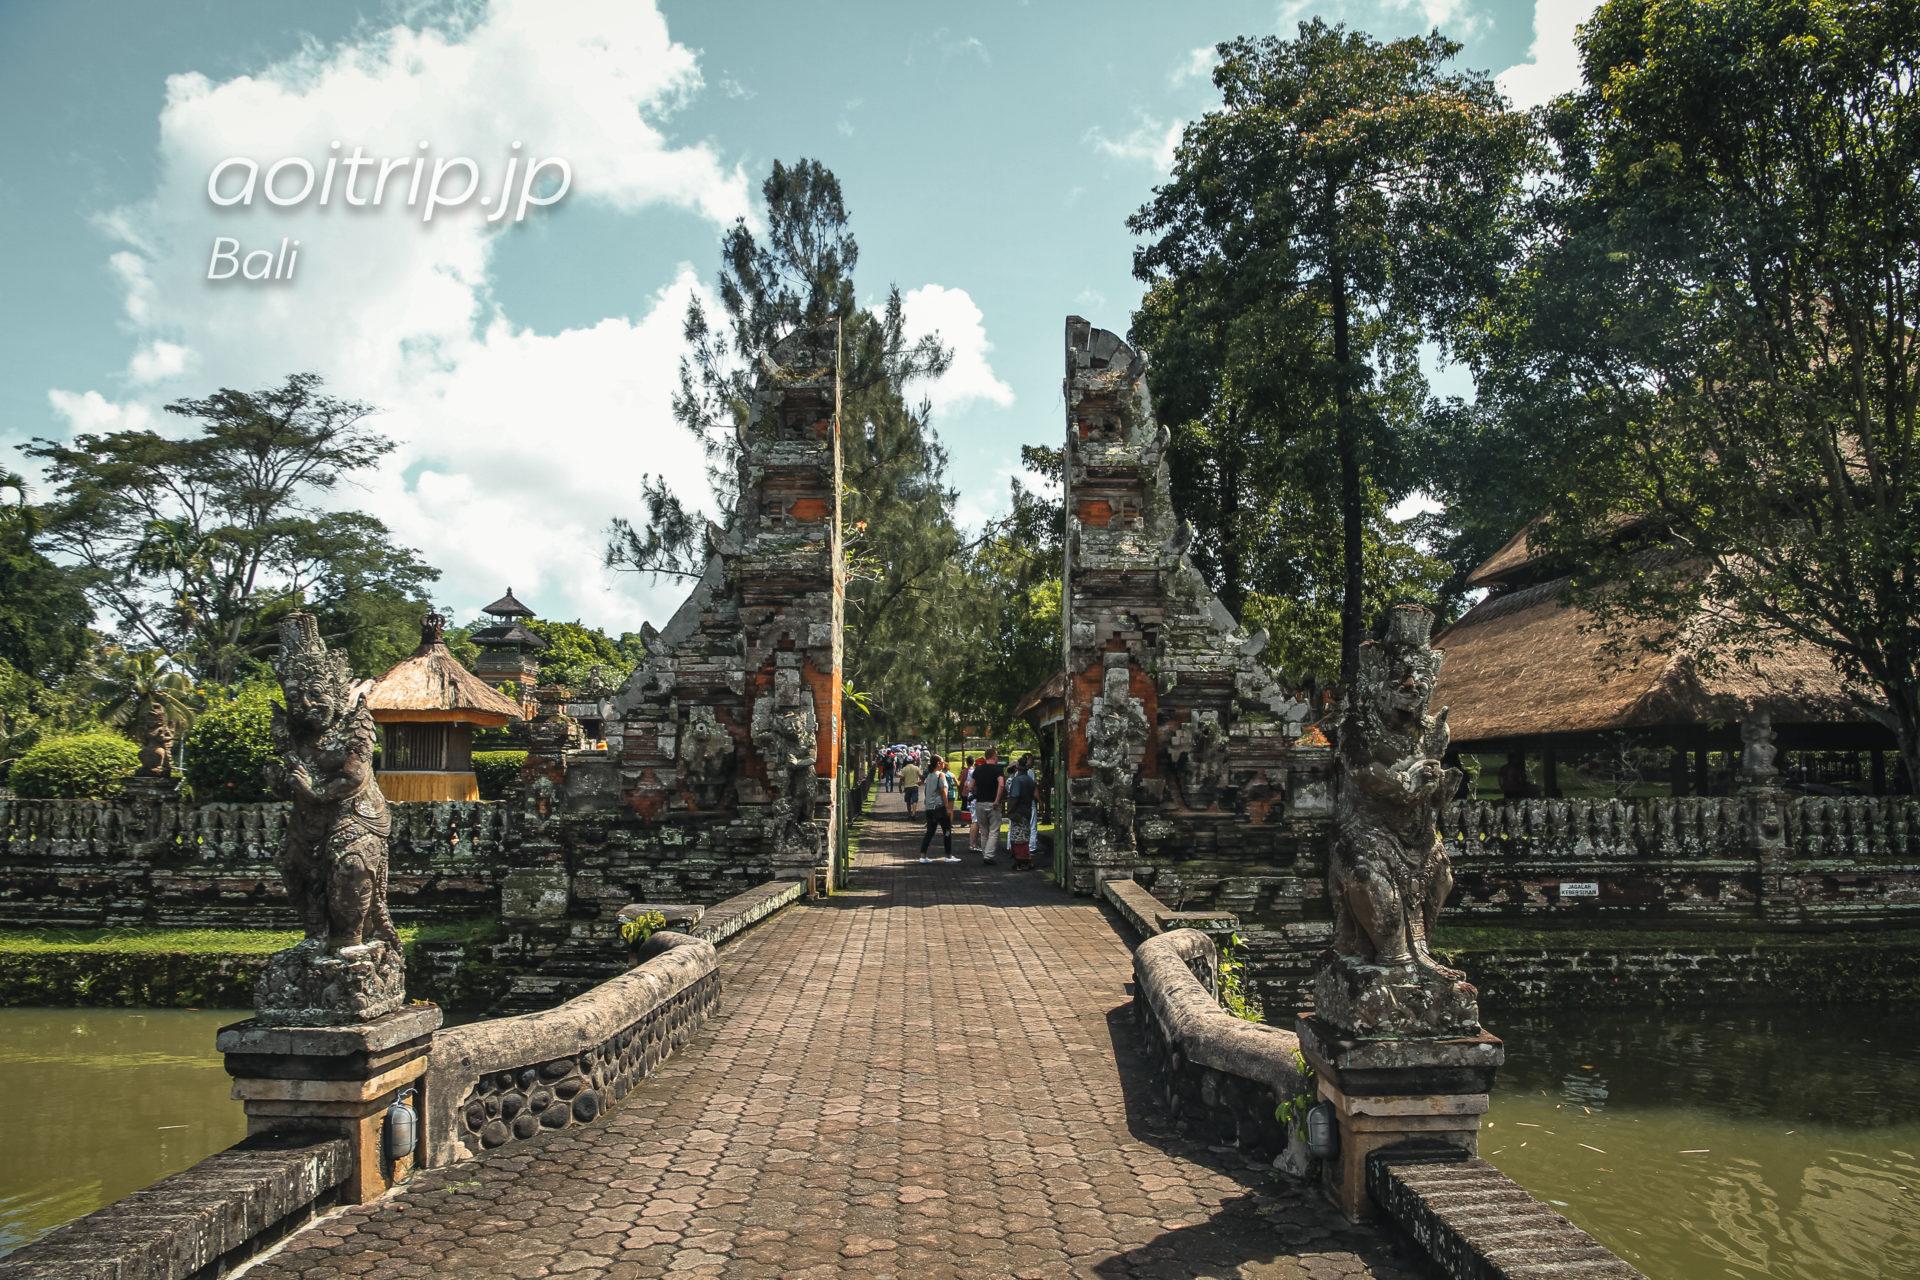 タマンアユン寺院の割れ門